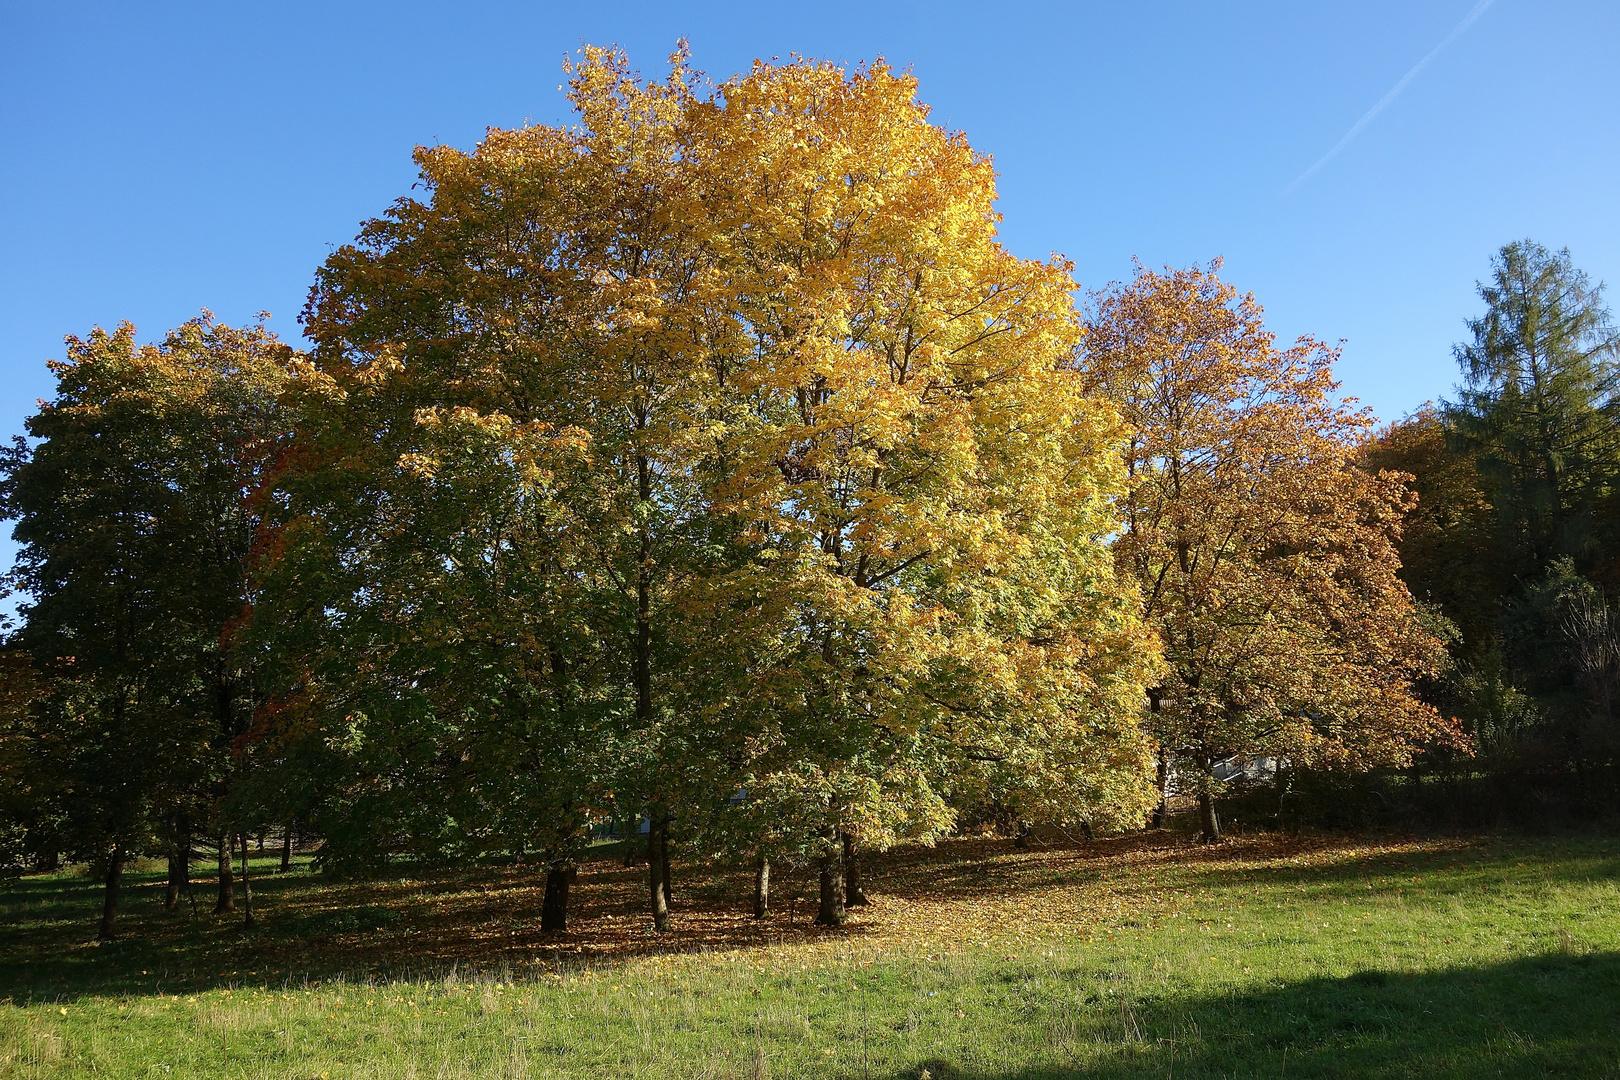 Ein Baum in Herbst